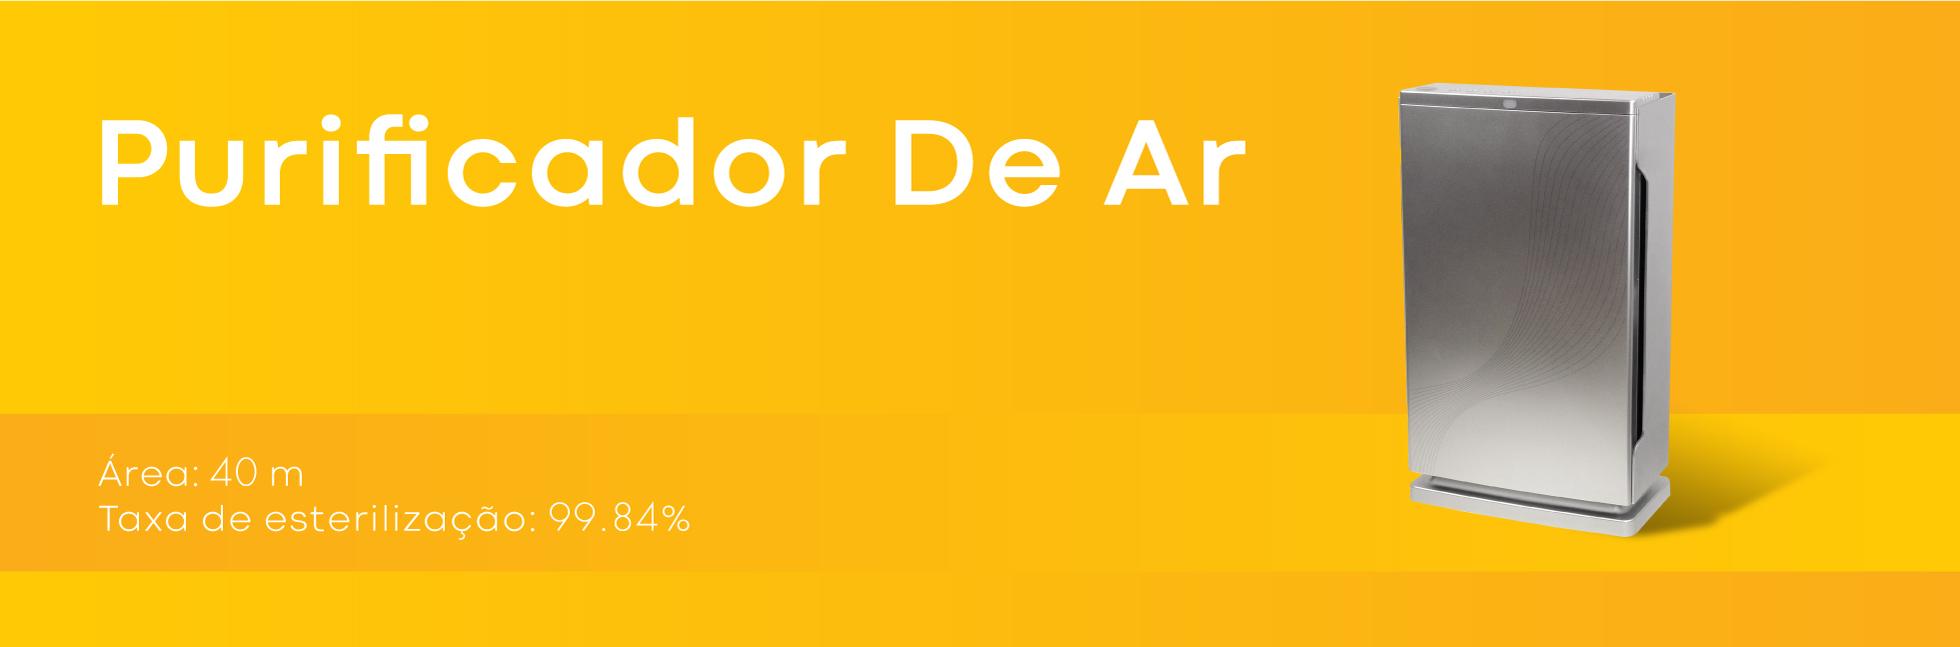 catalog/banners/PT_purificador-de-ar.jpg